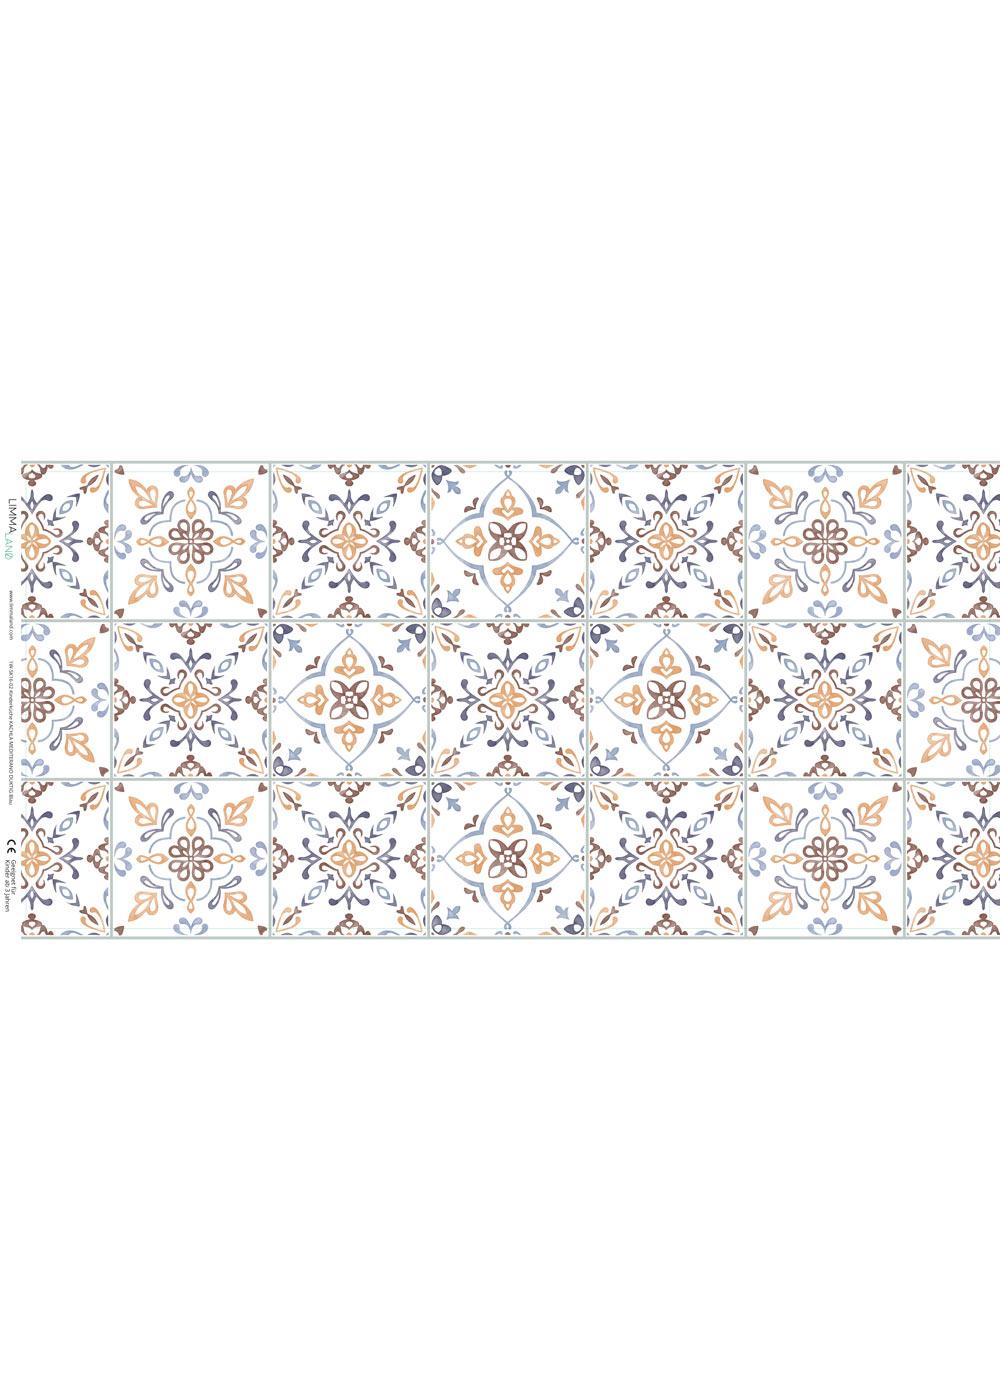 klebefolie ikea duktig kinderkueche kalchla mediterano nordisch blau 9